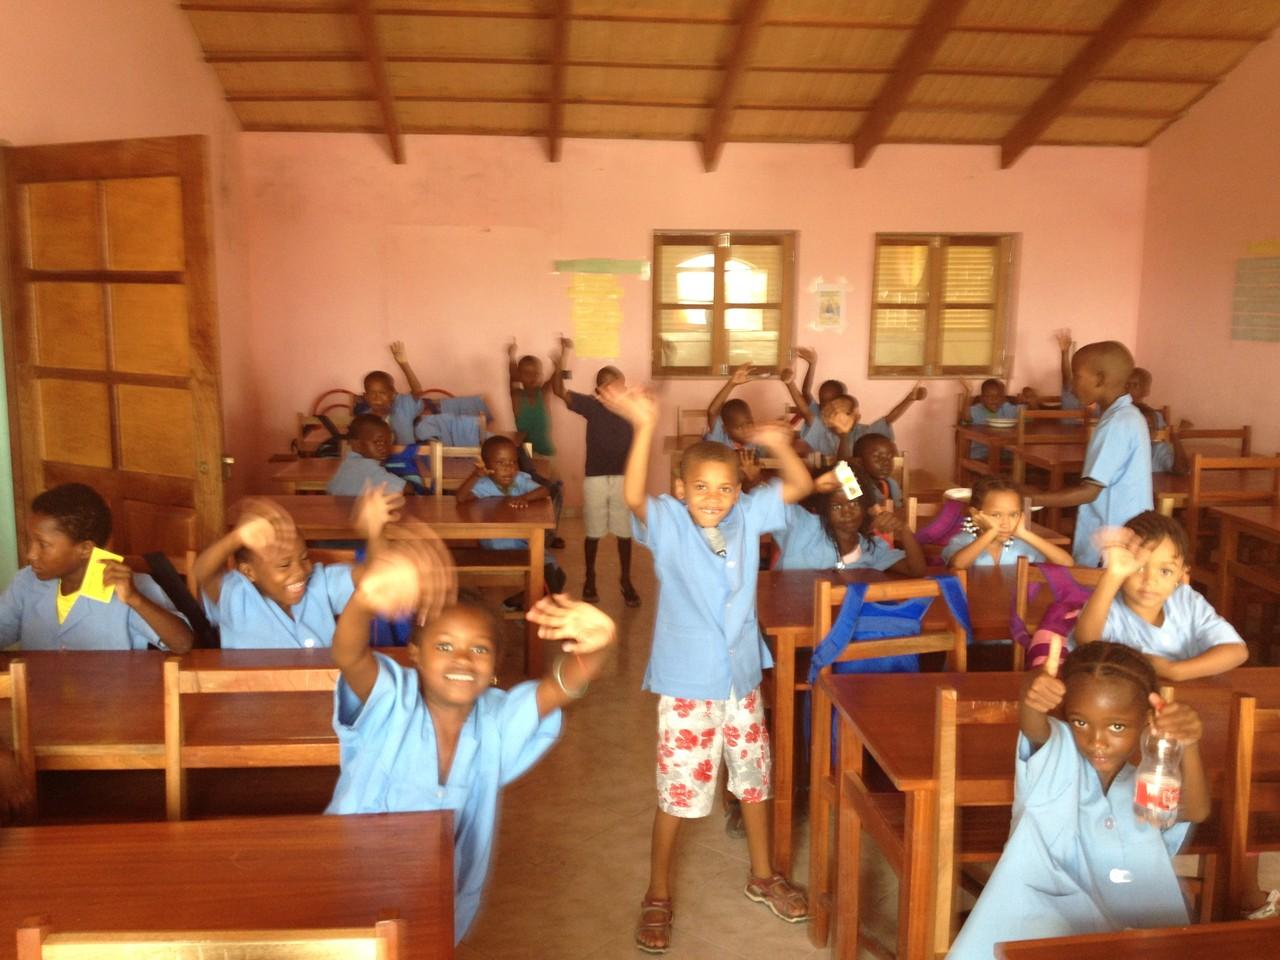 Grundschüler im Klassenraum